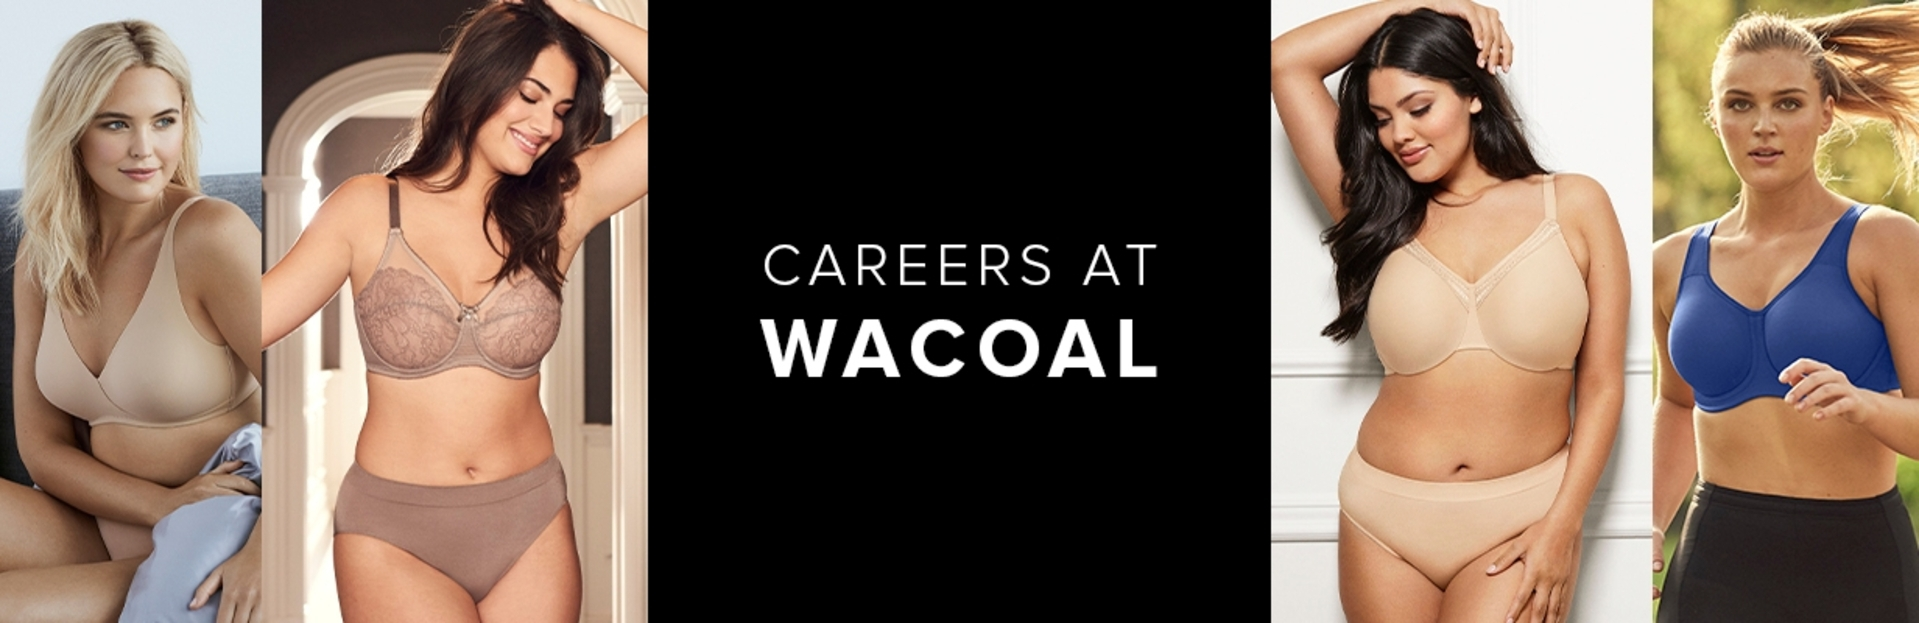 Careers at Wacoal